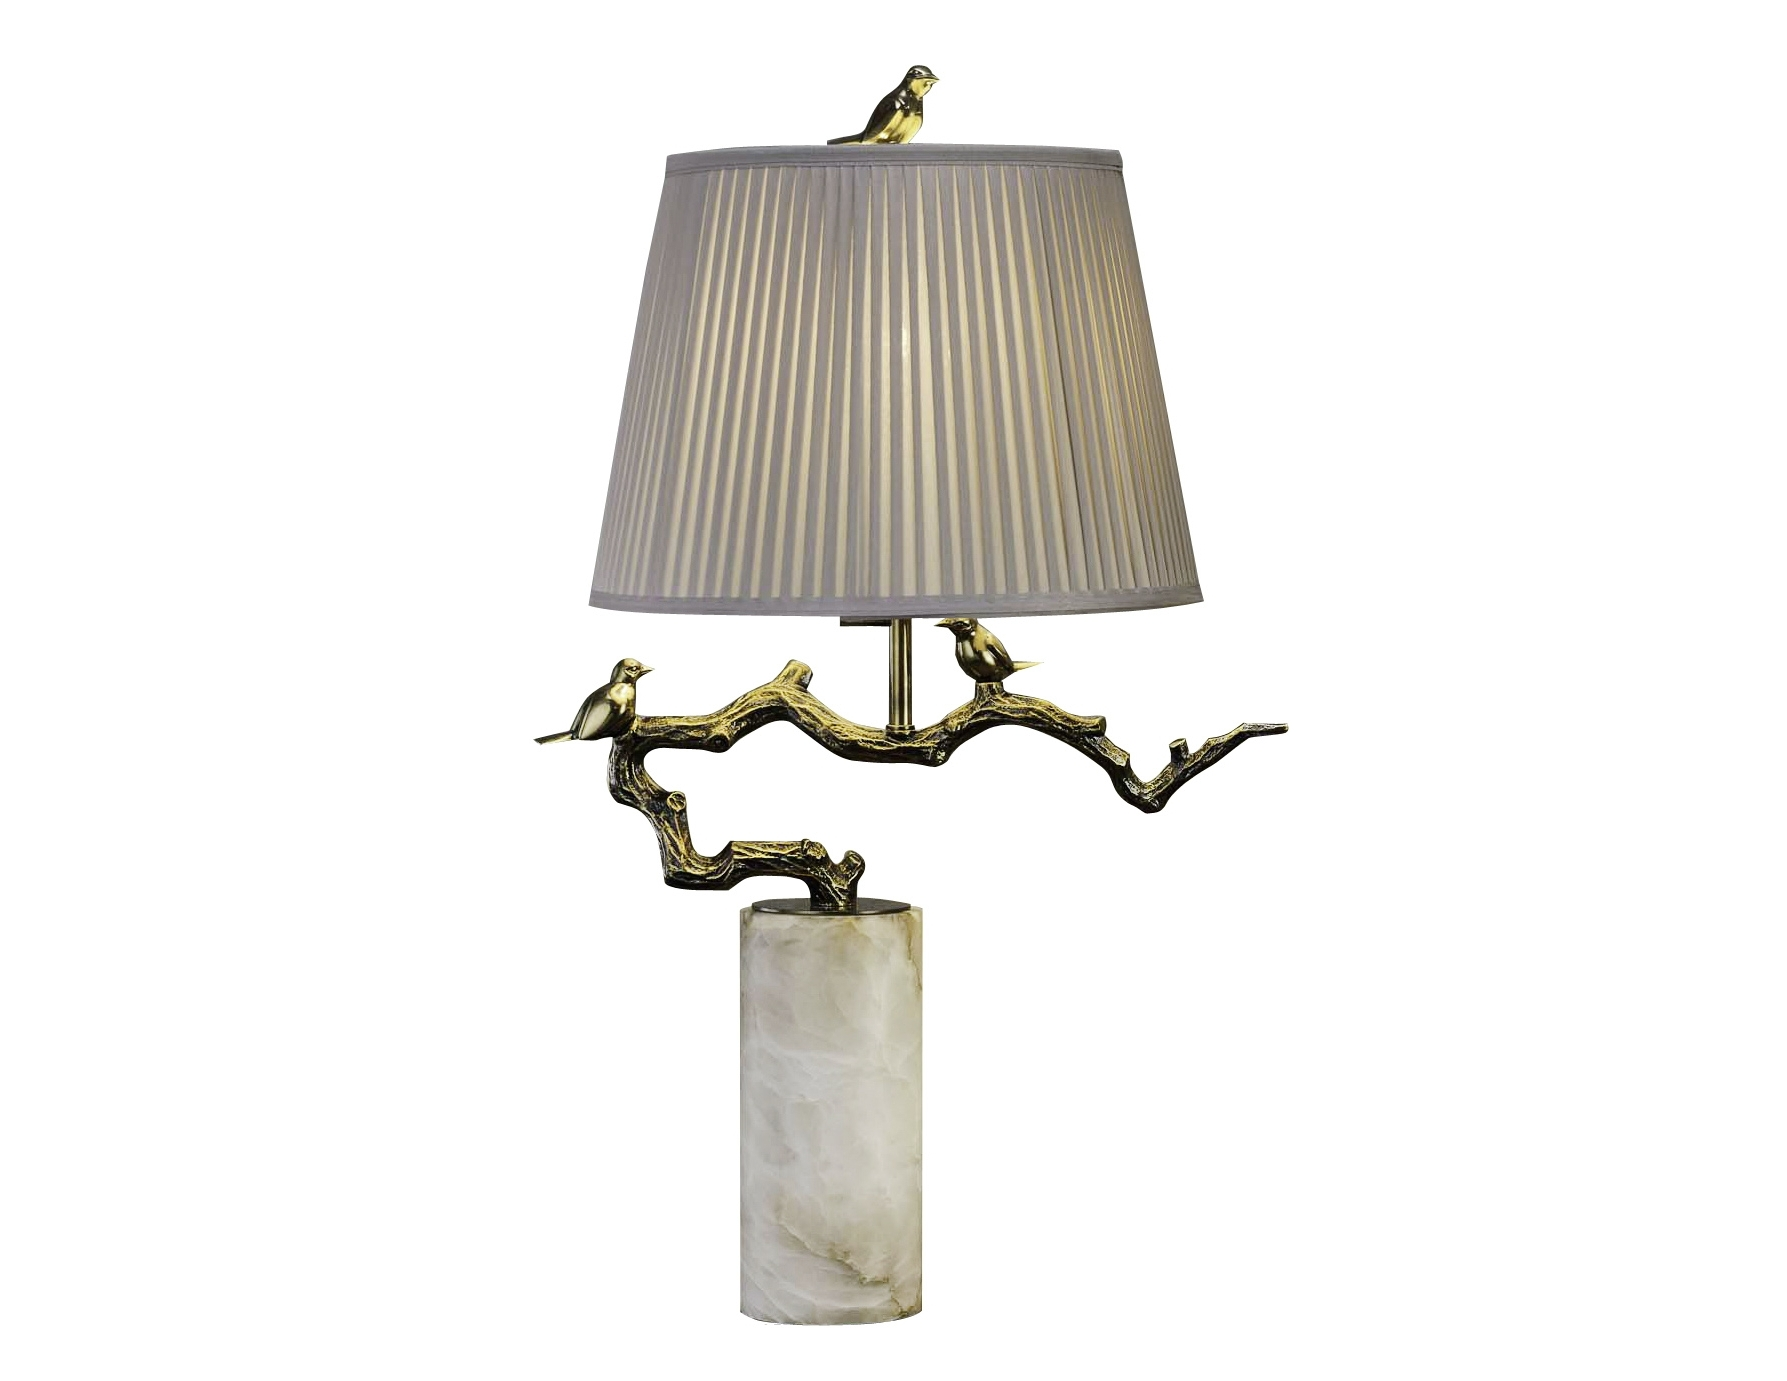 Светильник настольный TrevisoДекоративные лампы<br>&amp;lt;div&amp;gt;Настольная лампа в виде веточки с сидящими на ней птичками, цвета темной латуни, с бежевым тканевым абажуром и на подставке из натурального оникса. В любом интерьере она будет стильным элементом декора.&amp;lt;/div&amp;gt;&amp;lt;div&amp;gt;&amp;lt;br&amp;gt;&amp;lt;/div&amp;gt;&amp;lt;div&amp;gt;Вид цоколя: E27&amp;lt;/div&amp;gt;&amp;lt;div&amp;gt;Мощность: 60W&amp;lt;/div&amp;gt;&amp;lt;div&amp;gt;Количество ламп: 1 (нет в комплекте)&amp;lt;/div&amp;gt;<br><br>Material: Алюминий<br>Ширина см: 52<br>Высота см: 85<br>Глубина см: 42